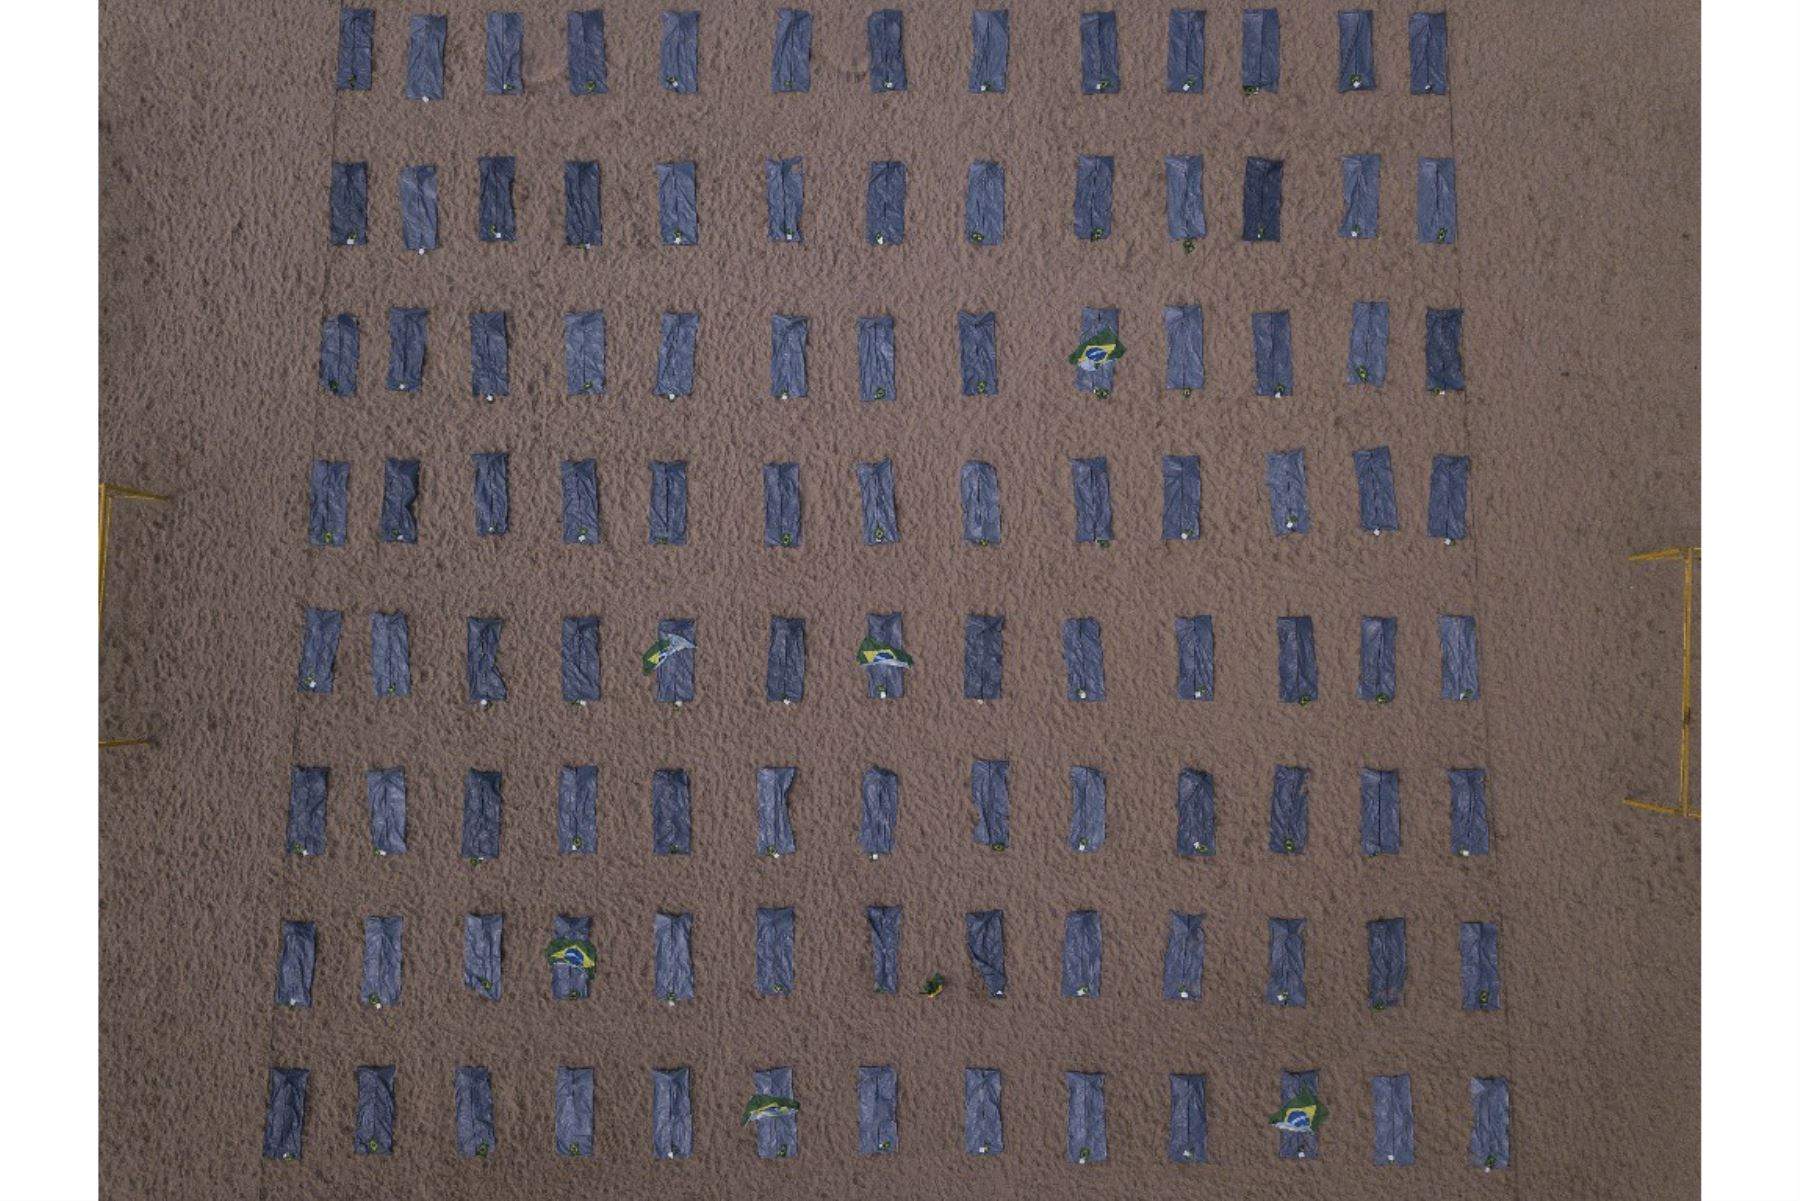 Esta imagen muestra filas de bolsas que simbolizan bolsas para cadáveres en la playa de Copacabana colocadas por activistas de los derechos humanos de Río de Paz durante una protesta contra el manejo del gobierno brasileño de la pandemia de coronavirus, en Río de Janeiro, Brasil. Foto: AFP